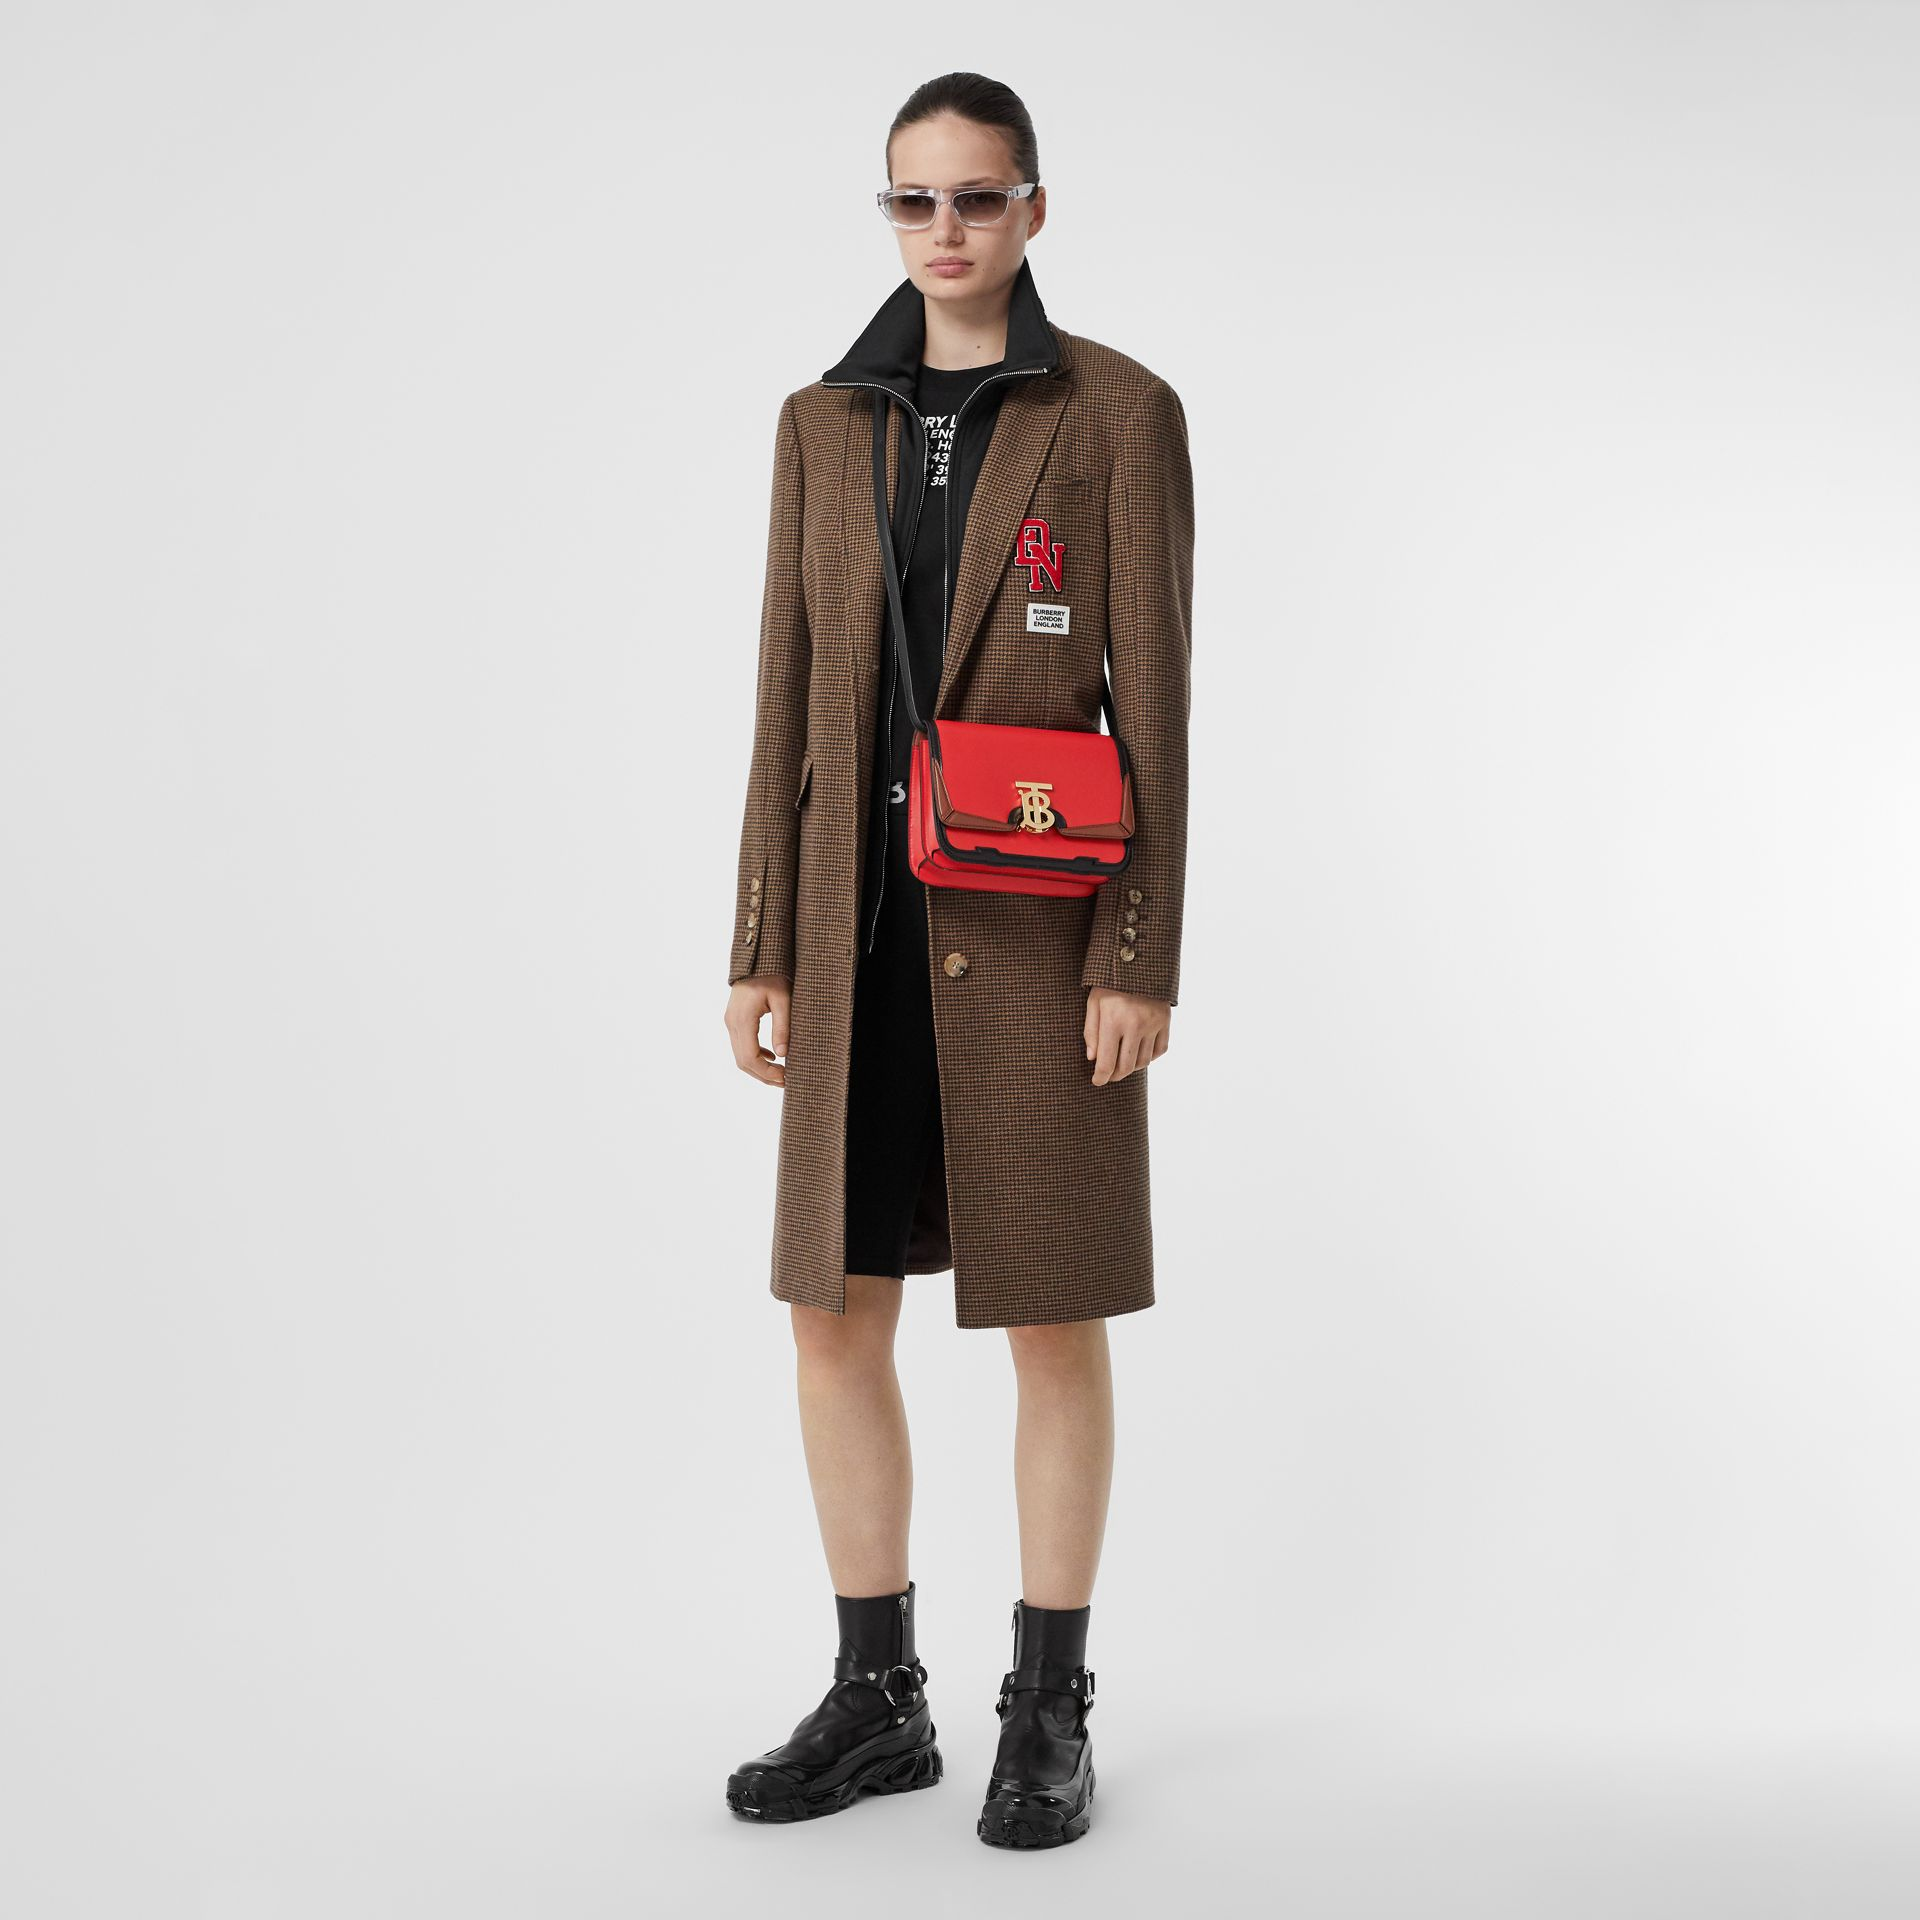 Petit sacTB en cuir avec appliqué (Rouge Vif) - Femme | Burberry - photo de la galerie 5